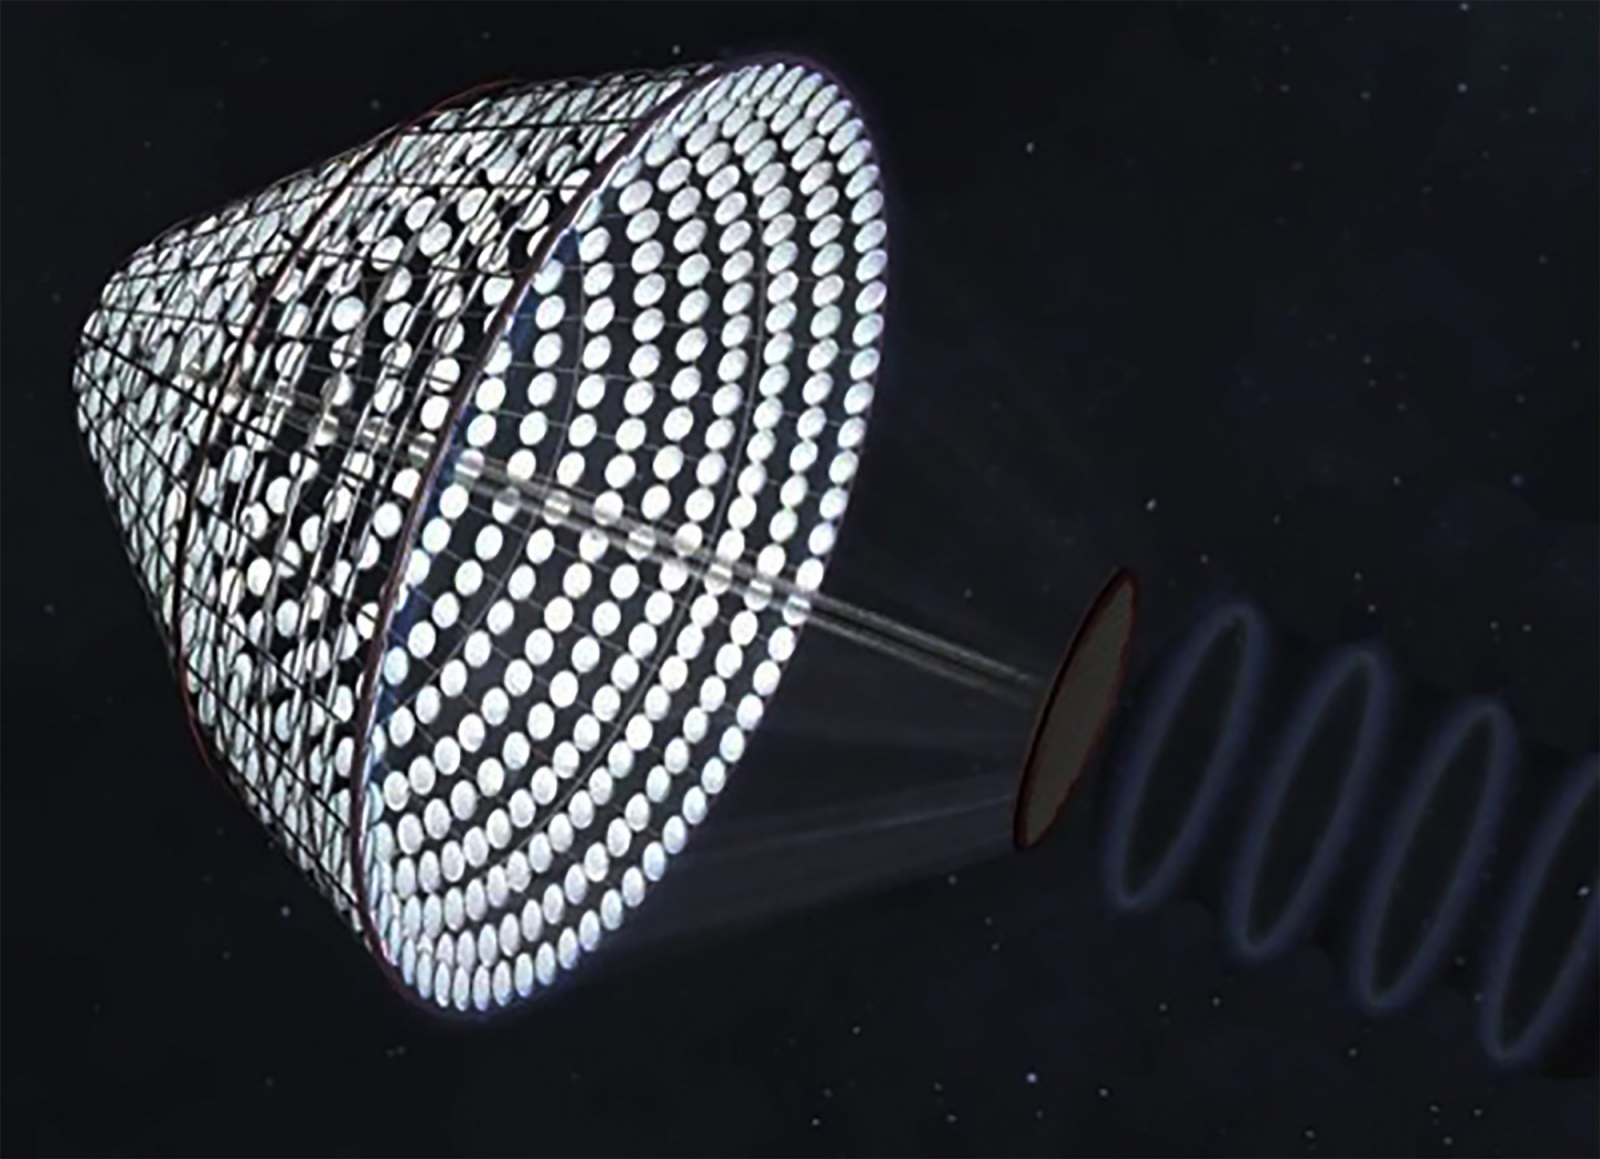 Un possible model de central d'energia solar a l'espai